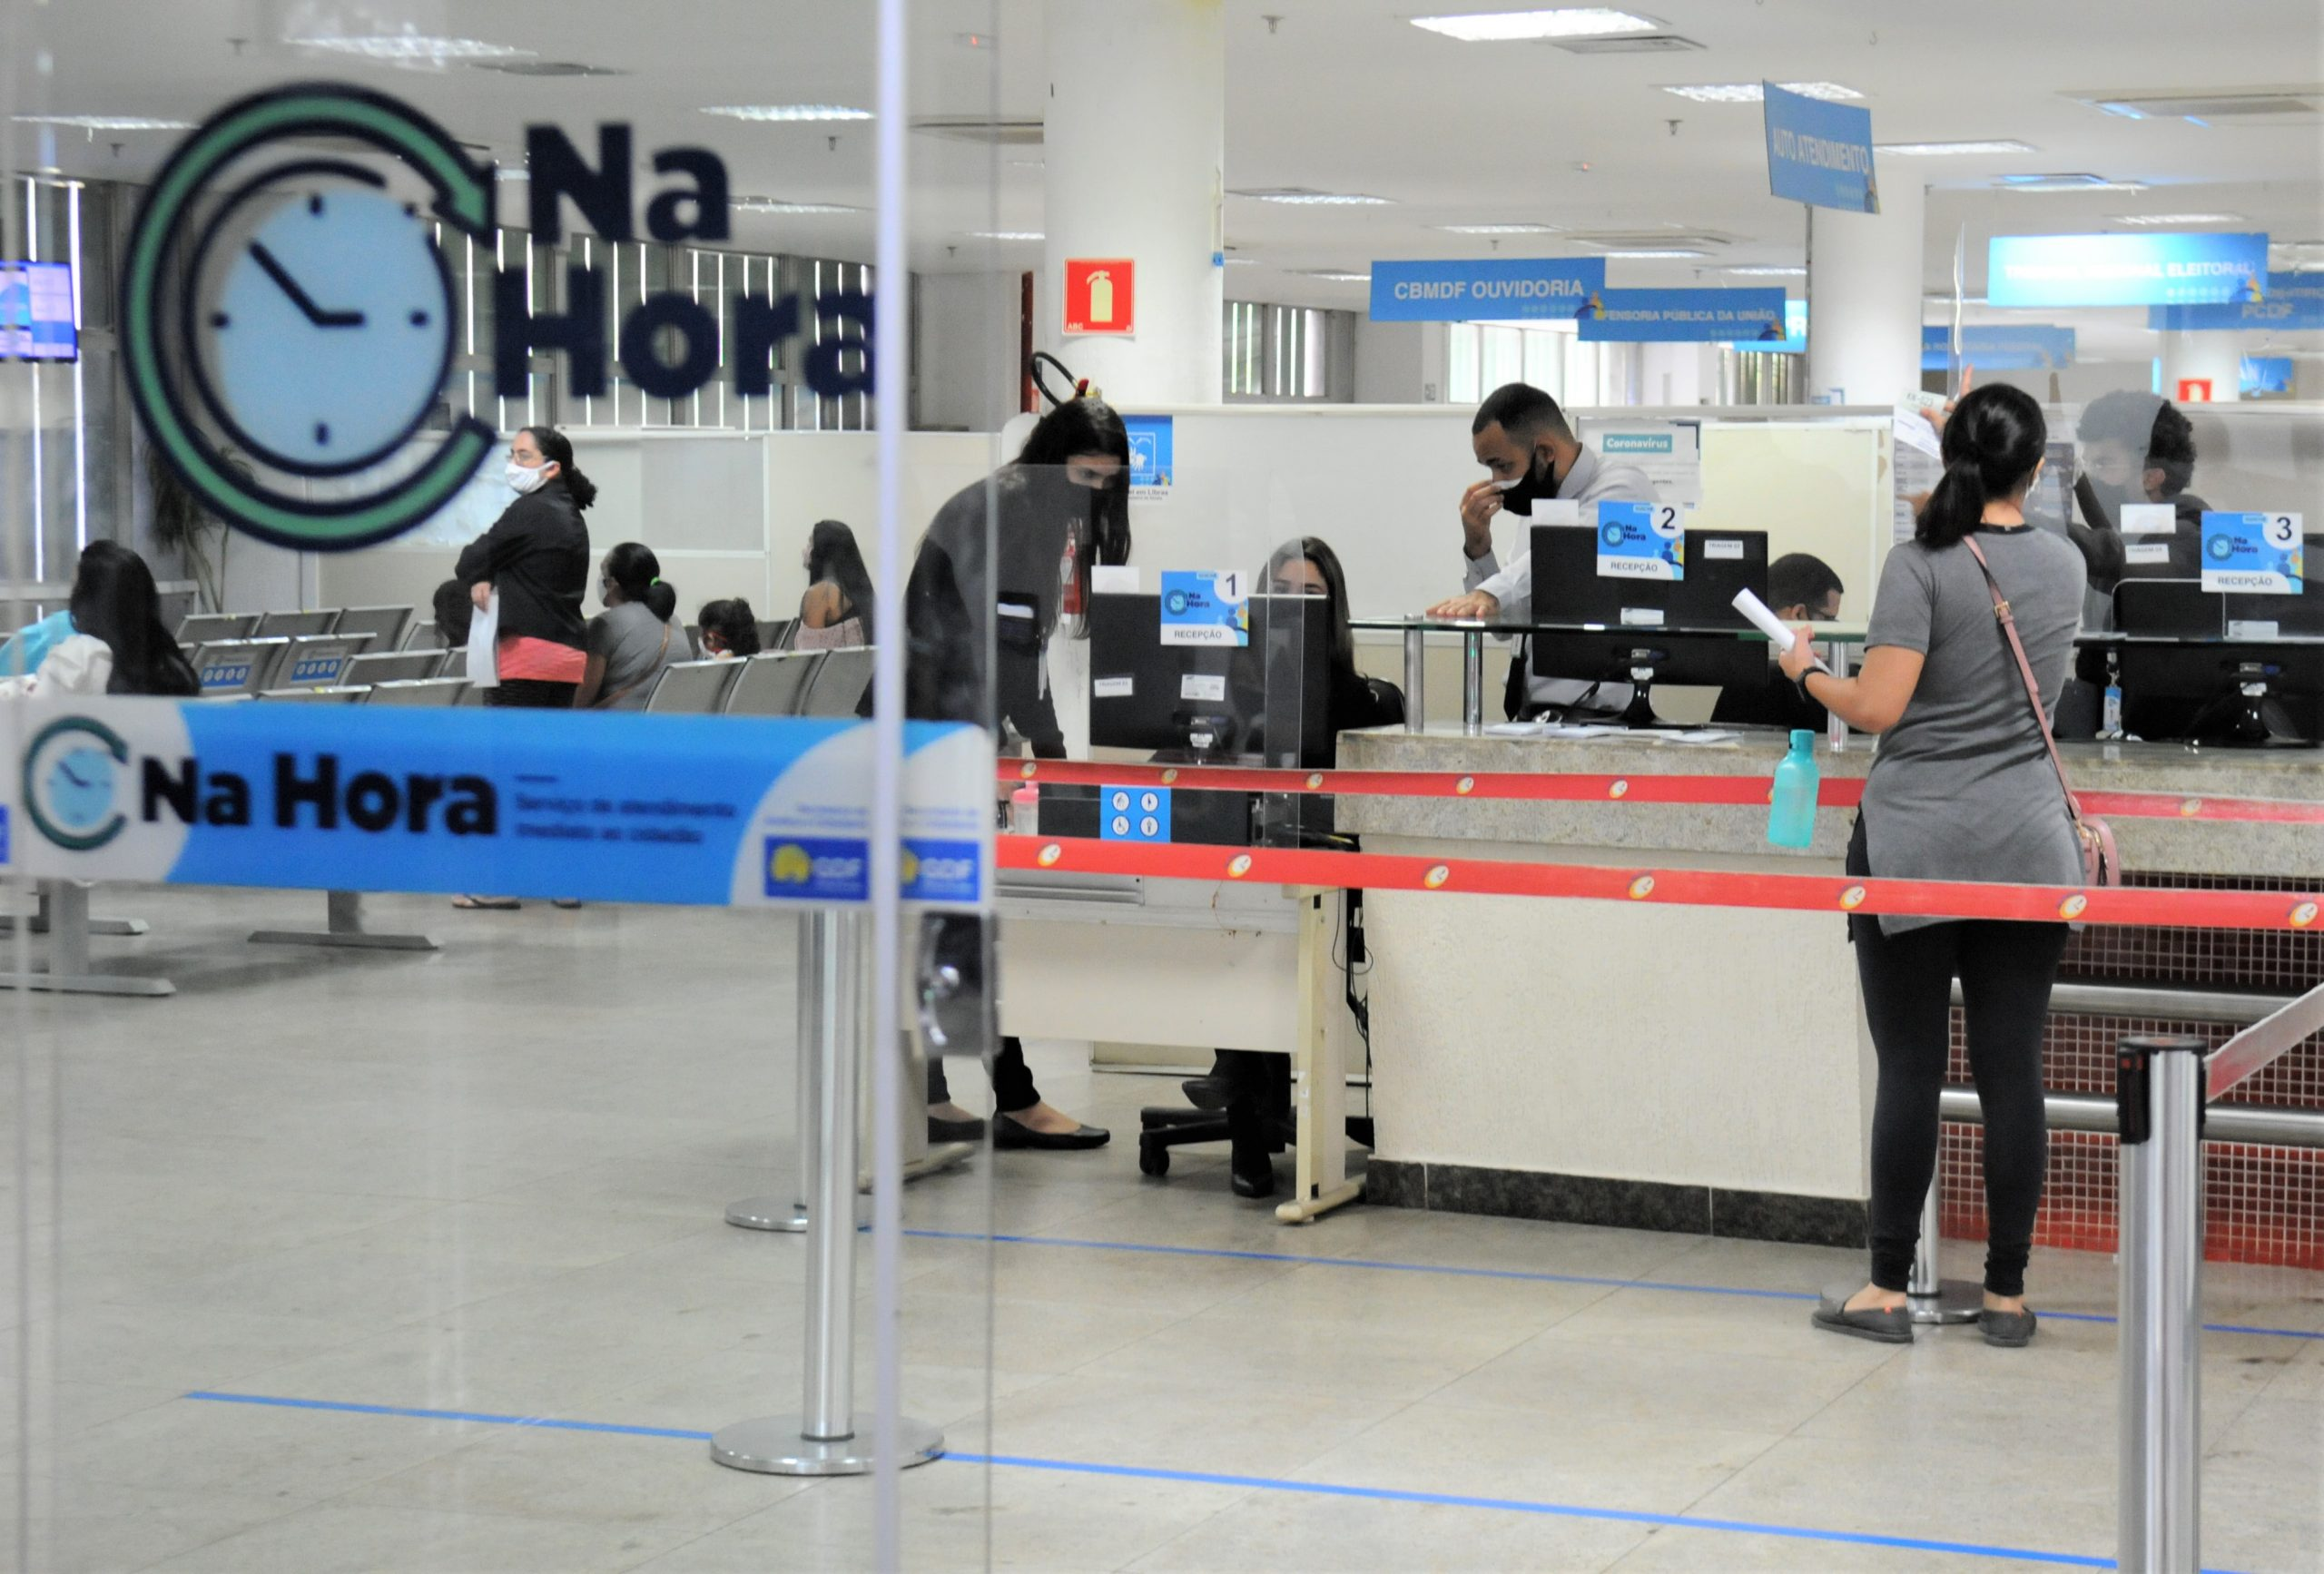 MODERNIZAÇÃO DO NA HORA | BRB dá o primeiro passo para remodelar as unidades e melhorar atendimento e serviços prestados aos cidadãos